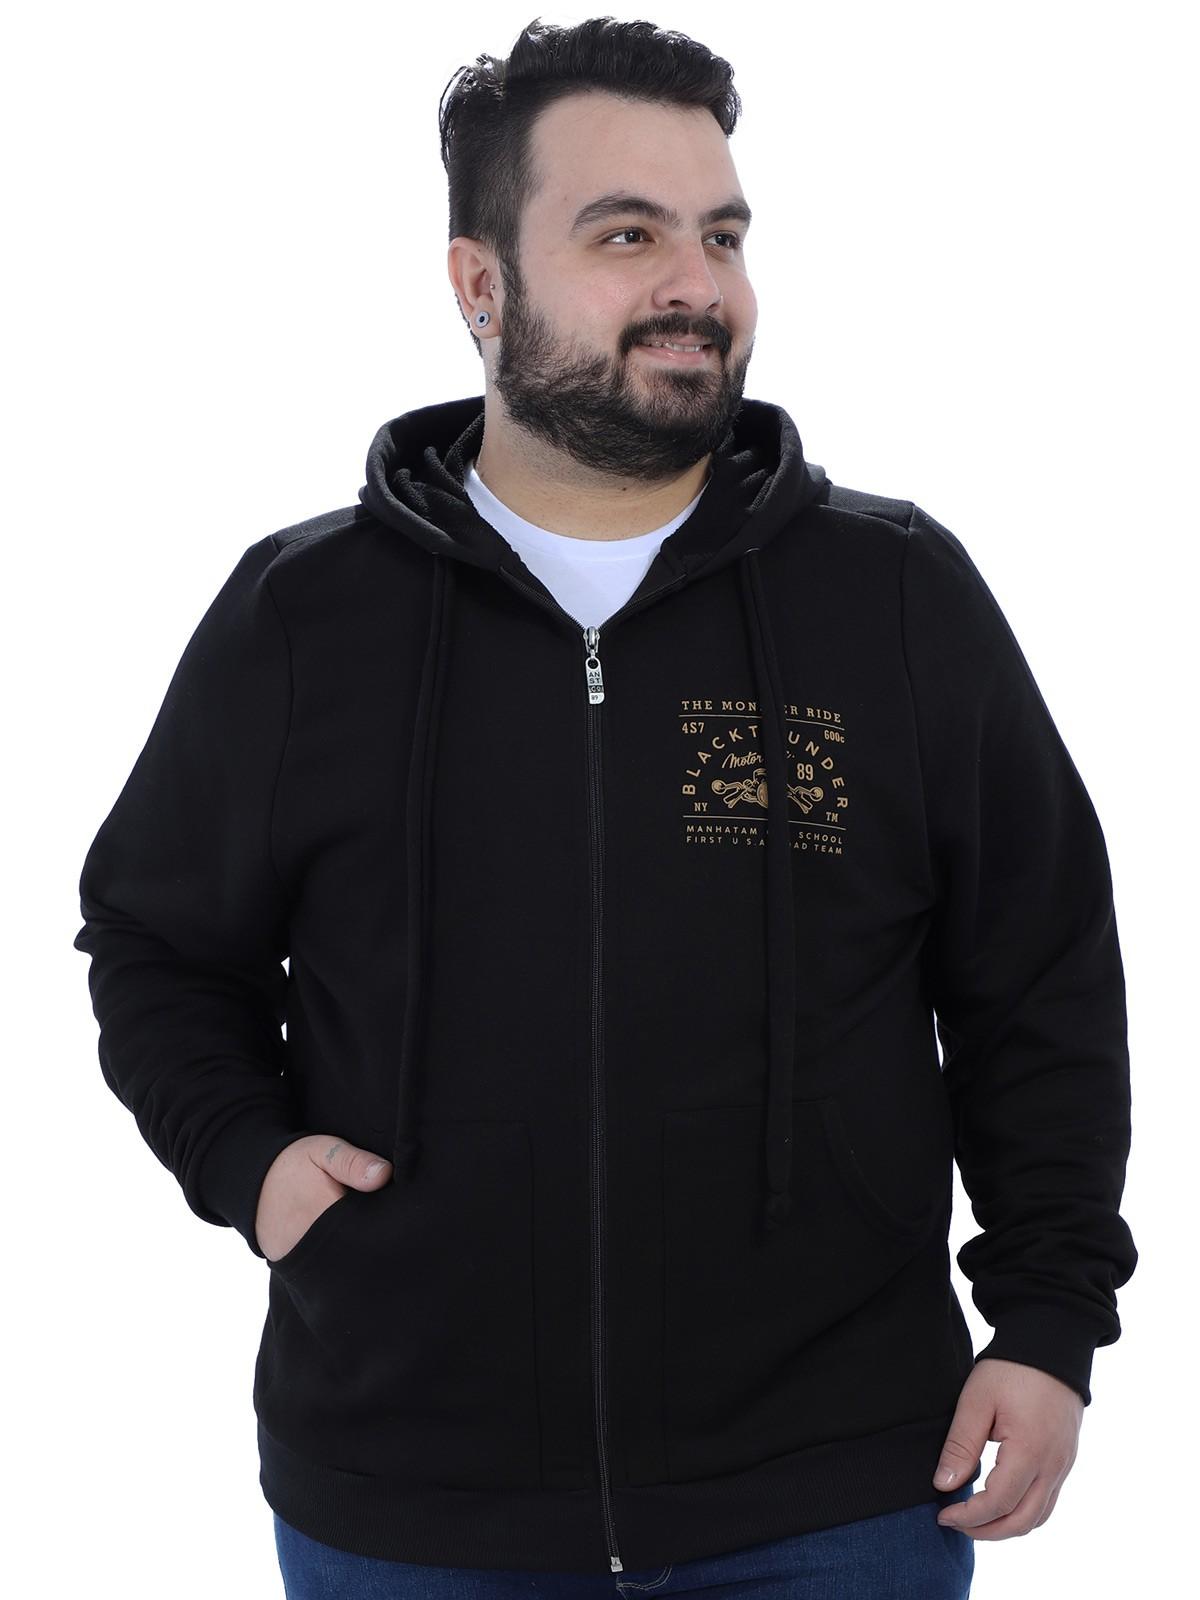 Jaqueta Plus Size Masculino de Moletom com Capuz Anistia Preto